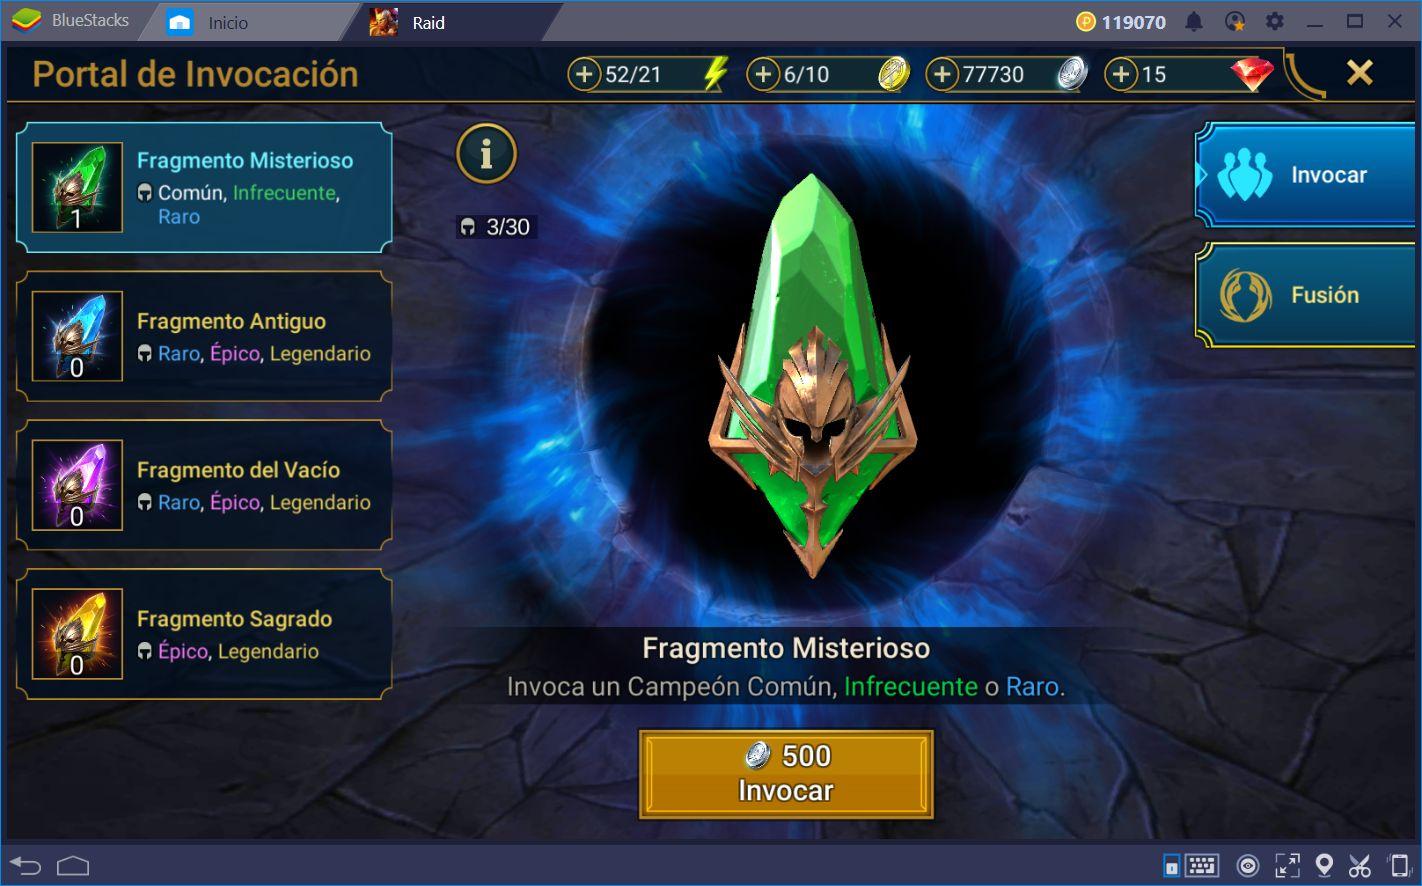 Guía de Rerolling y Automatización Para RAID: Shadow Legends Usando BlueStacks